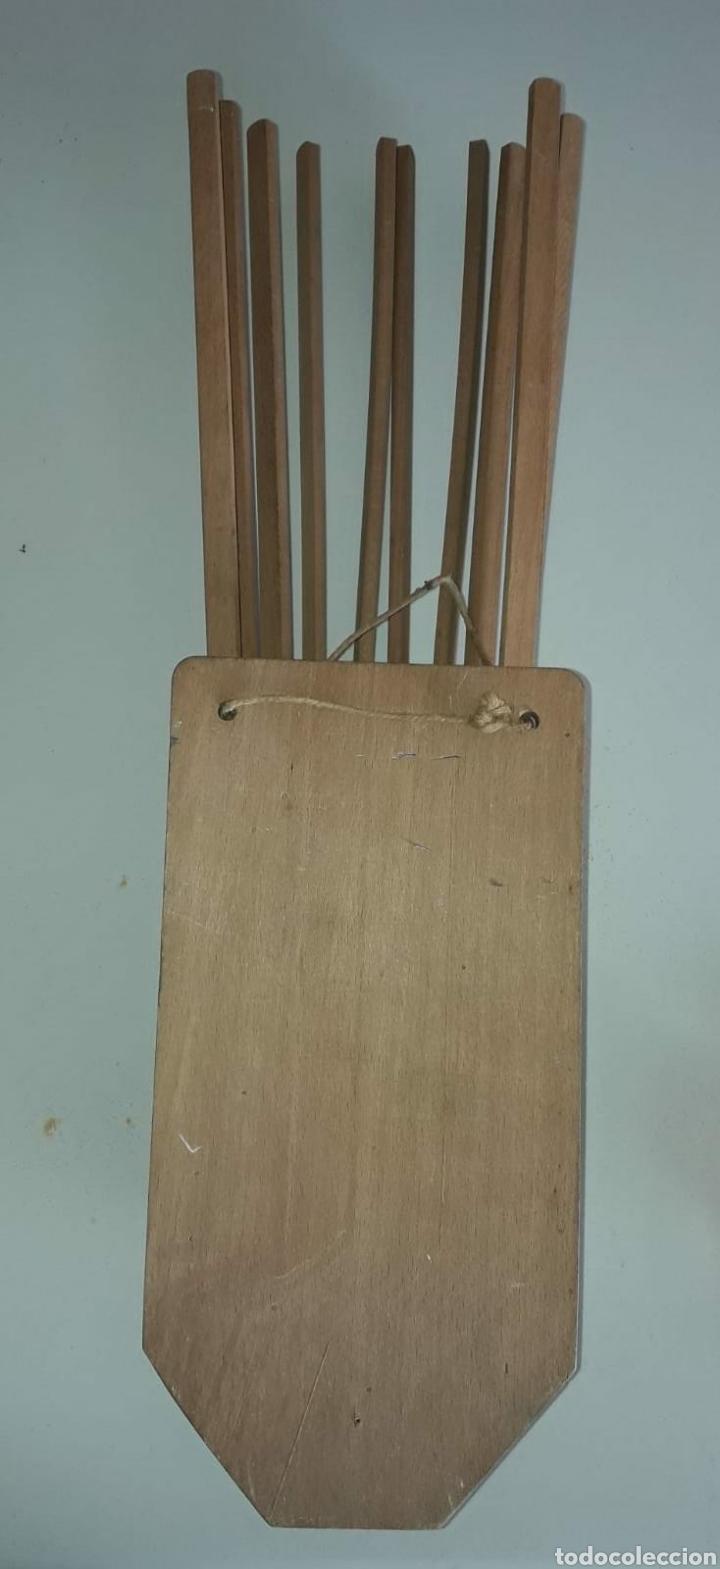 Antigüedades: Fantástico antiguo perchero extensible en madera y metal - Foto 3 - 213776161